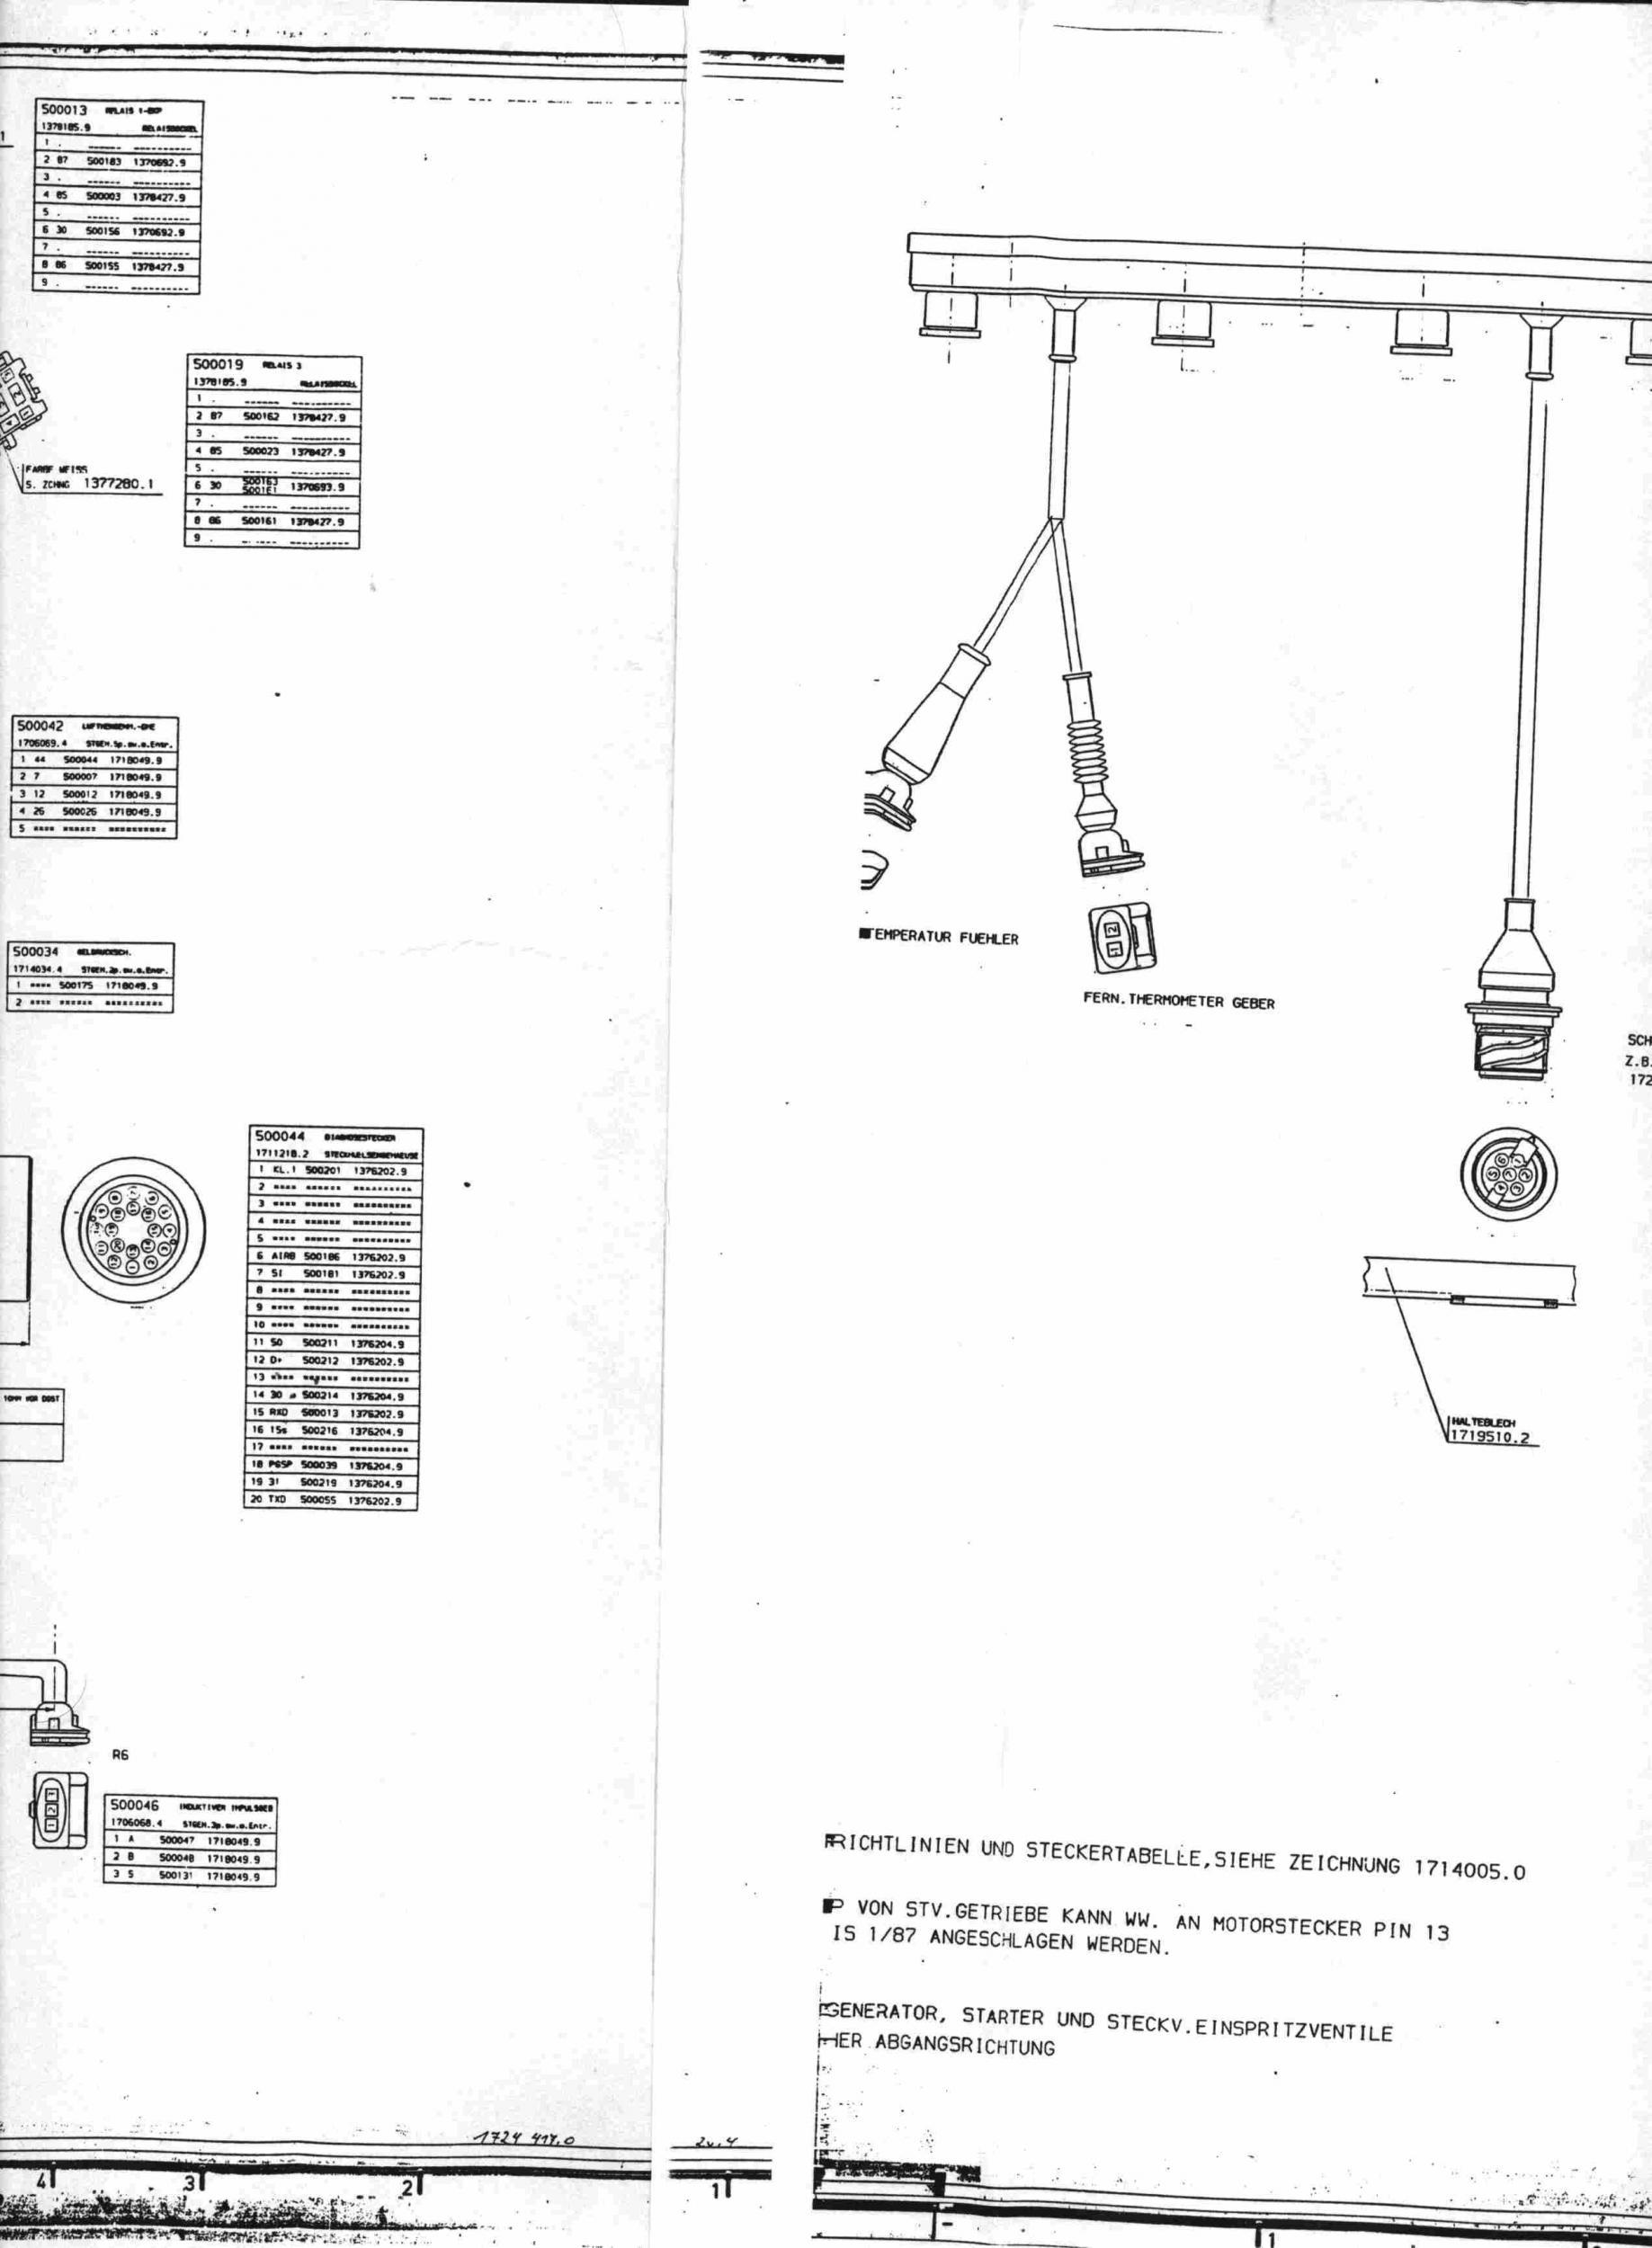 Ausgezeichnet 220v Stecker Schaltplan Zeitgenössisch - Schaltplan ...